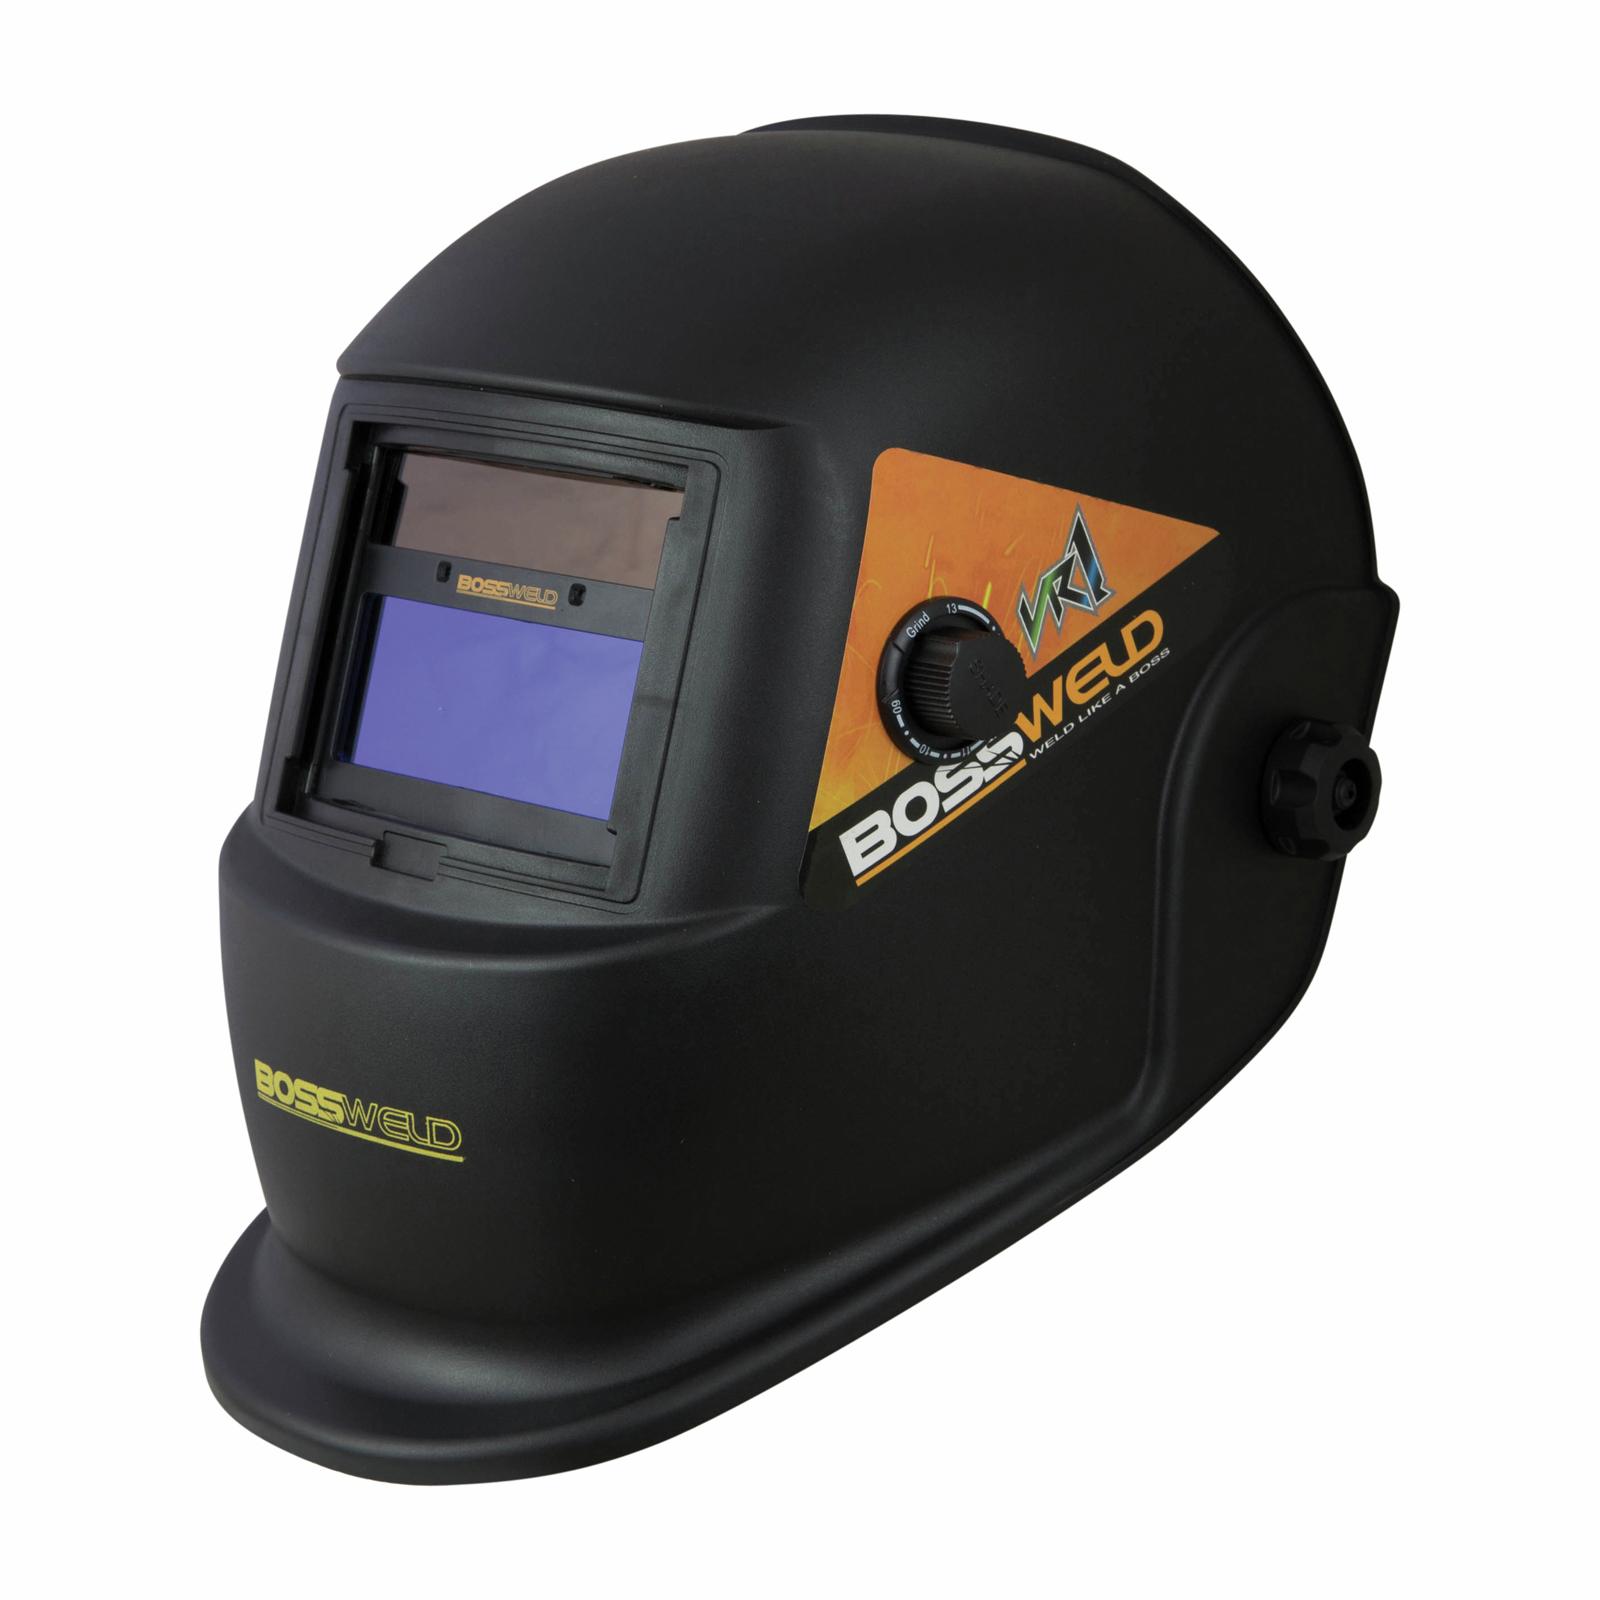 Bossweld VR1 Variable Shade Electronic Welding Helmet